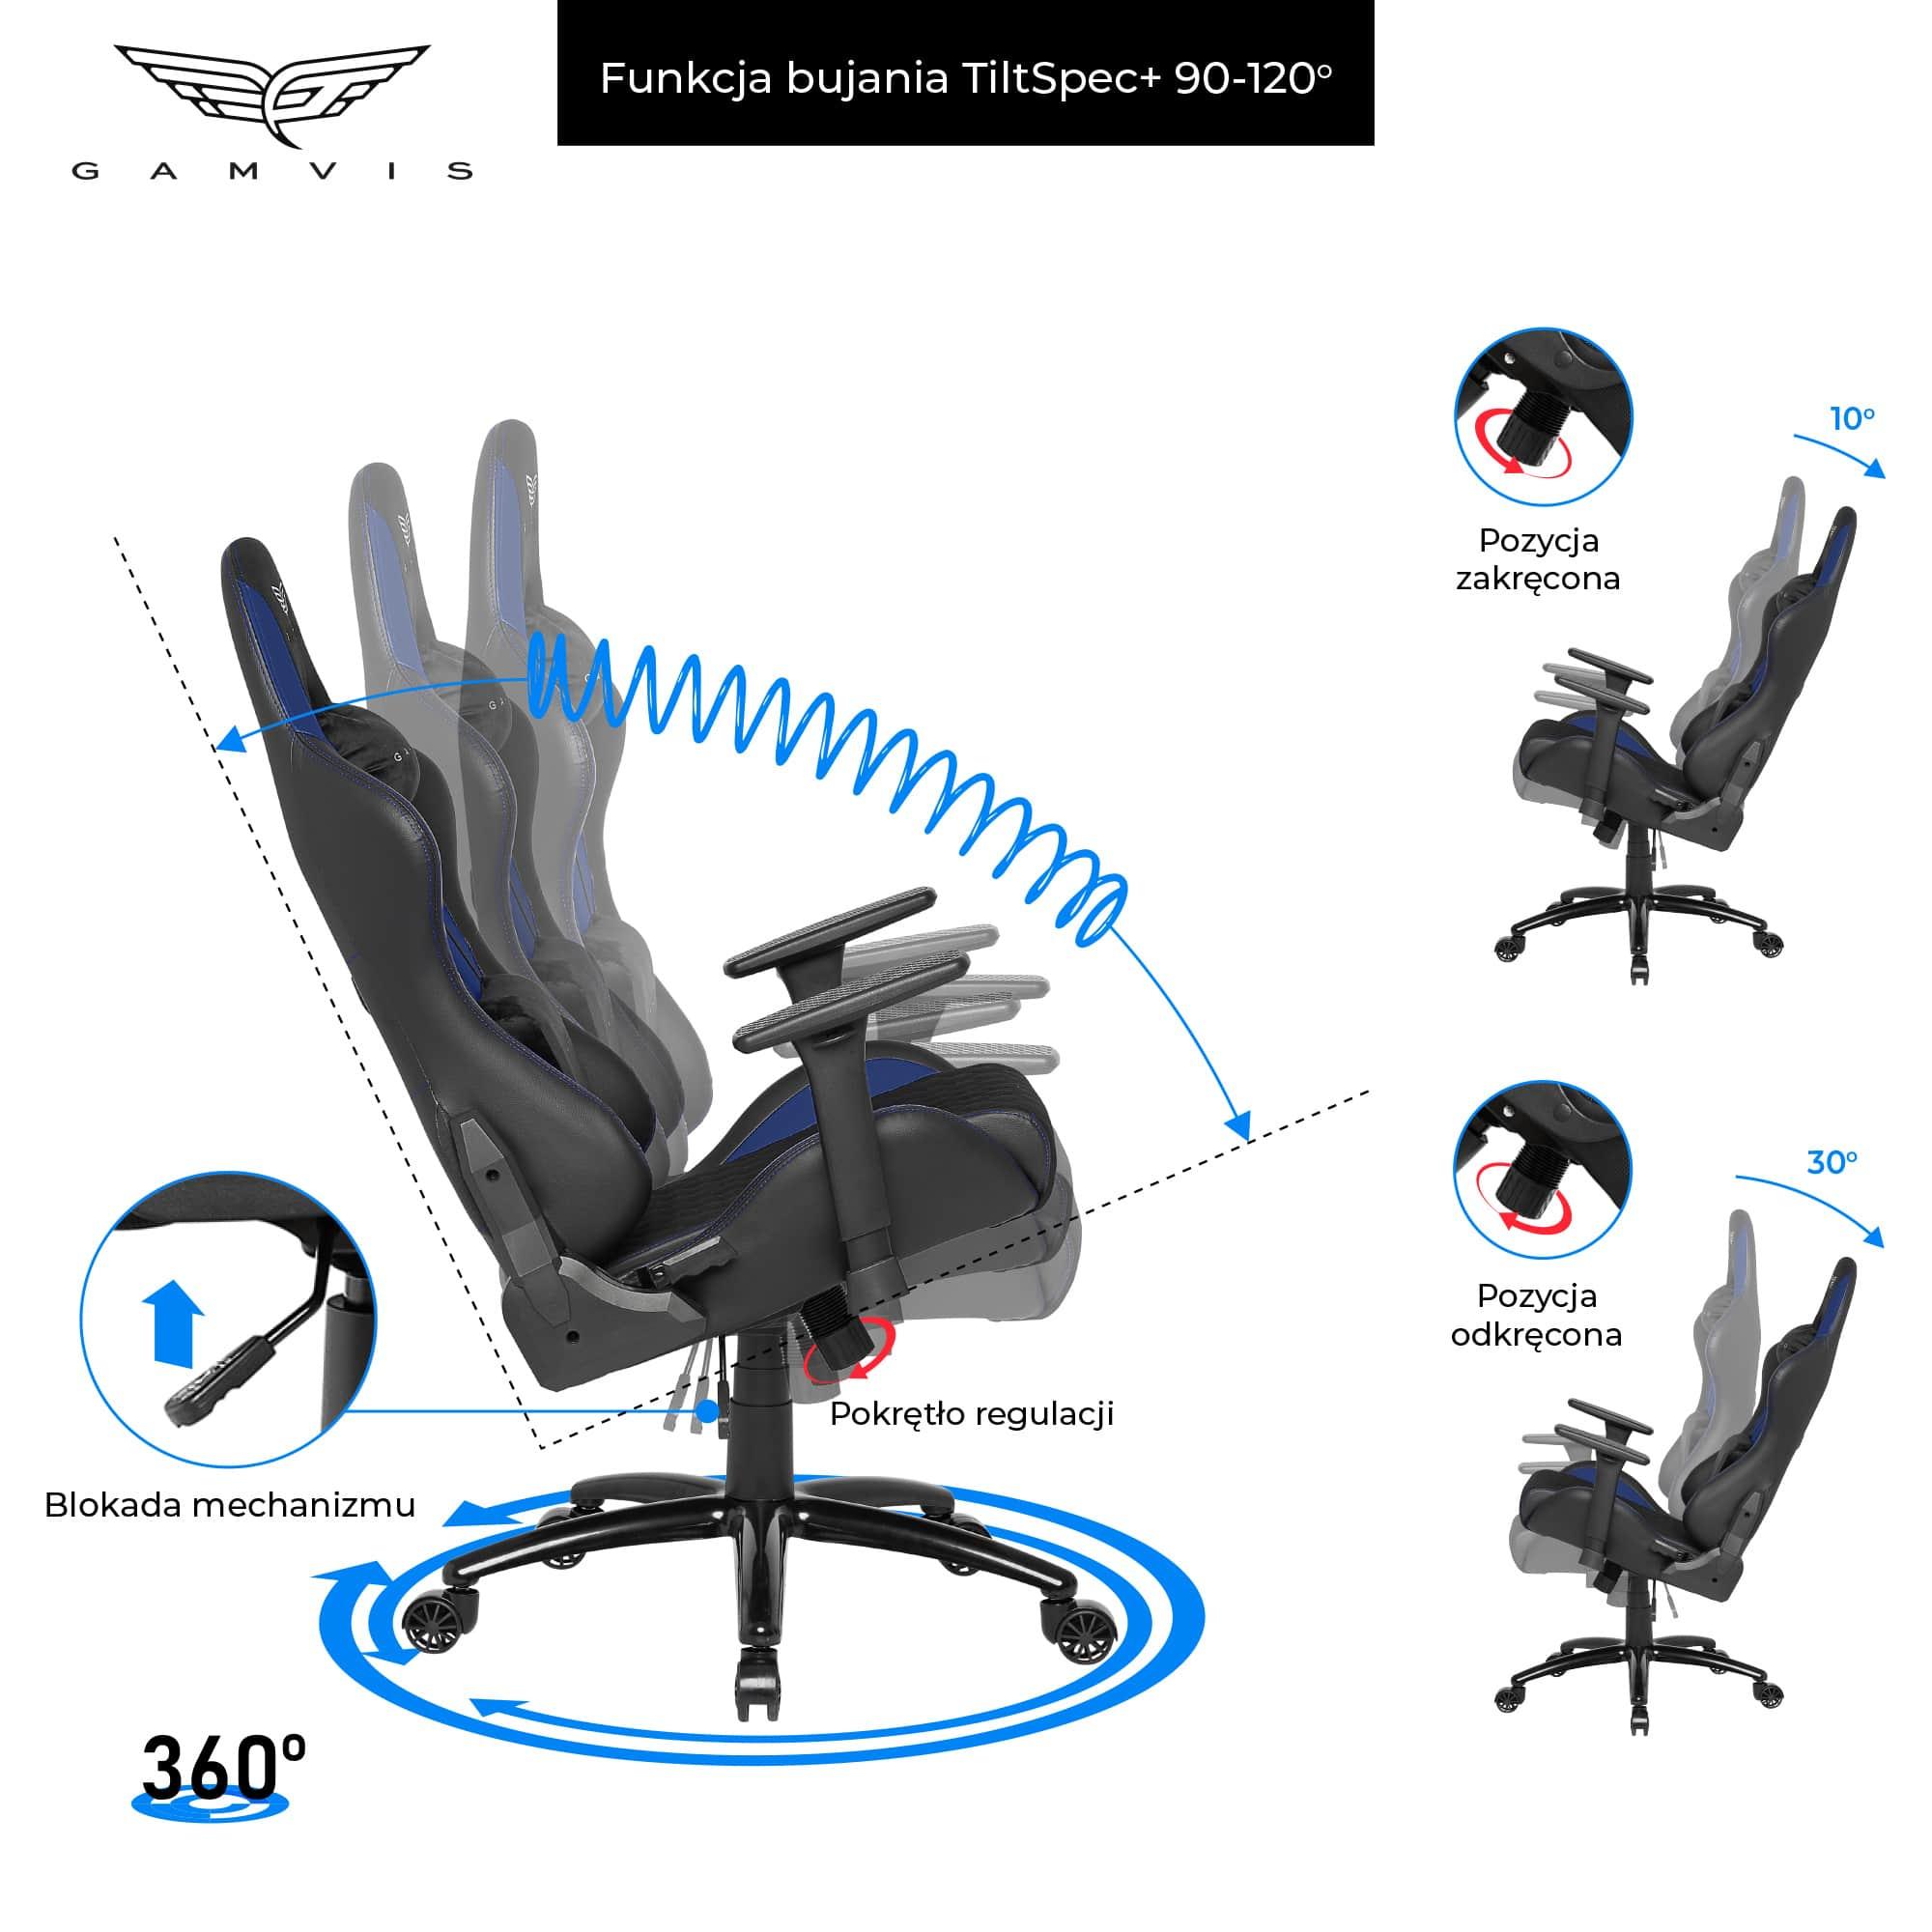 Materiałowy Fotel gamingowy Gamvis Phantom Niebieski 6